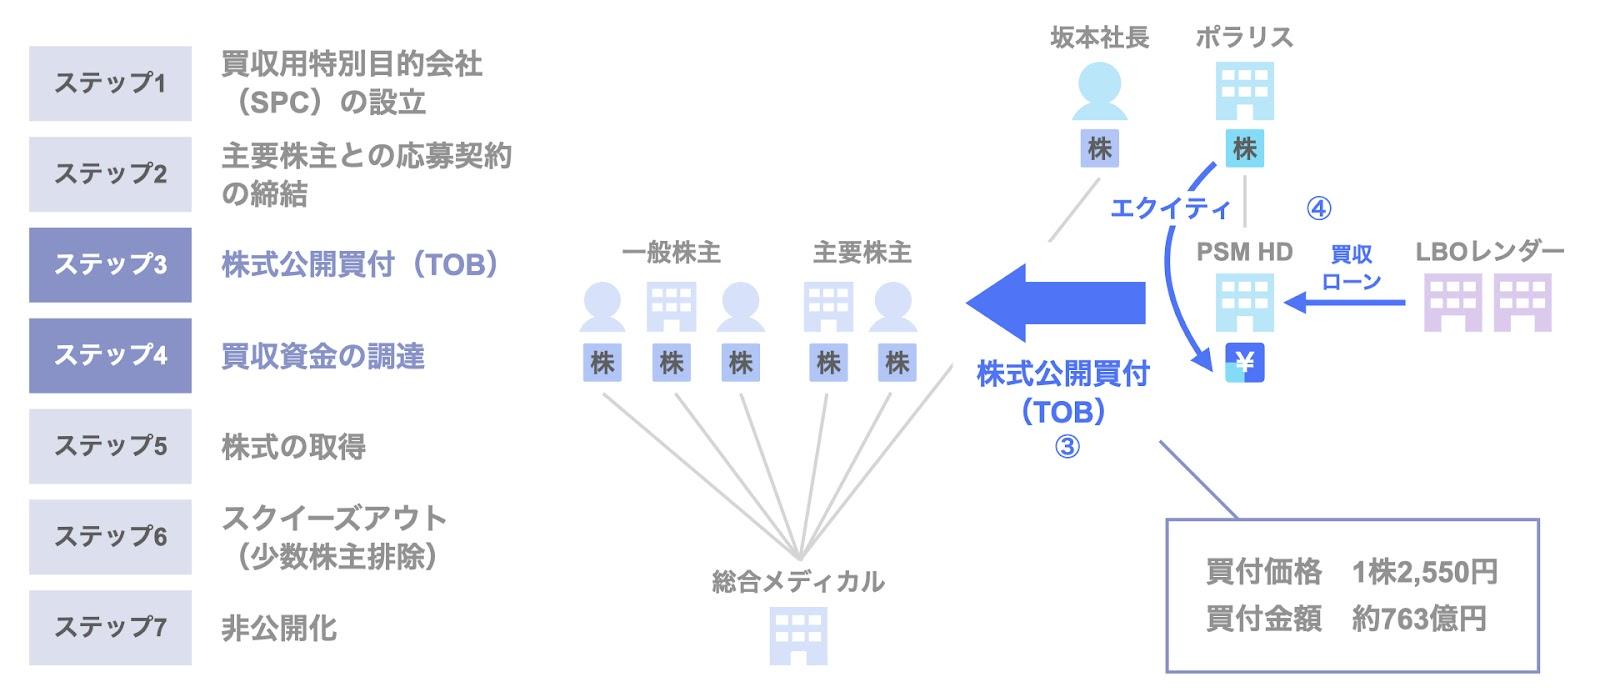 総合メディカルホールディングスのMBOによる非公開化のスキーム3,4